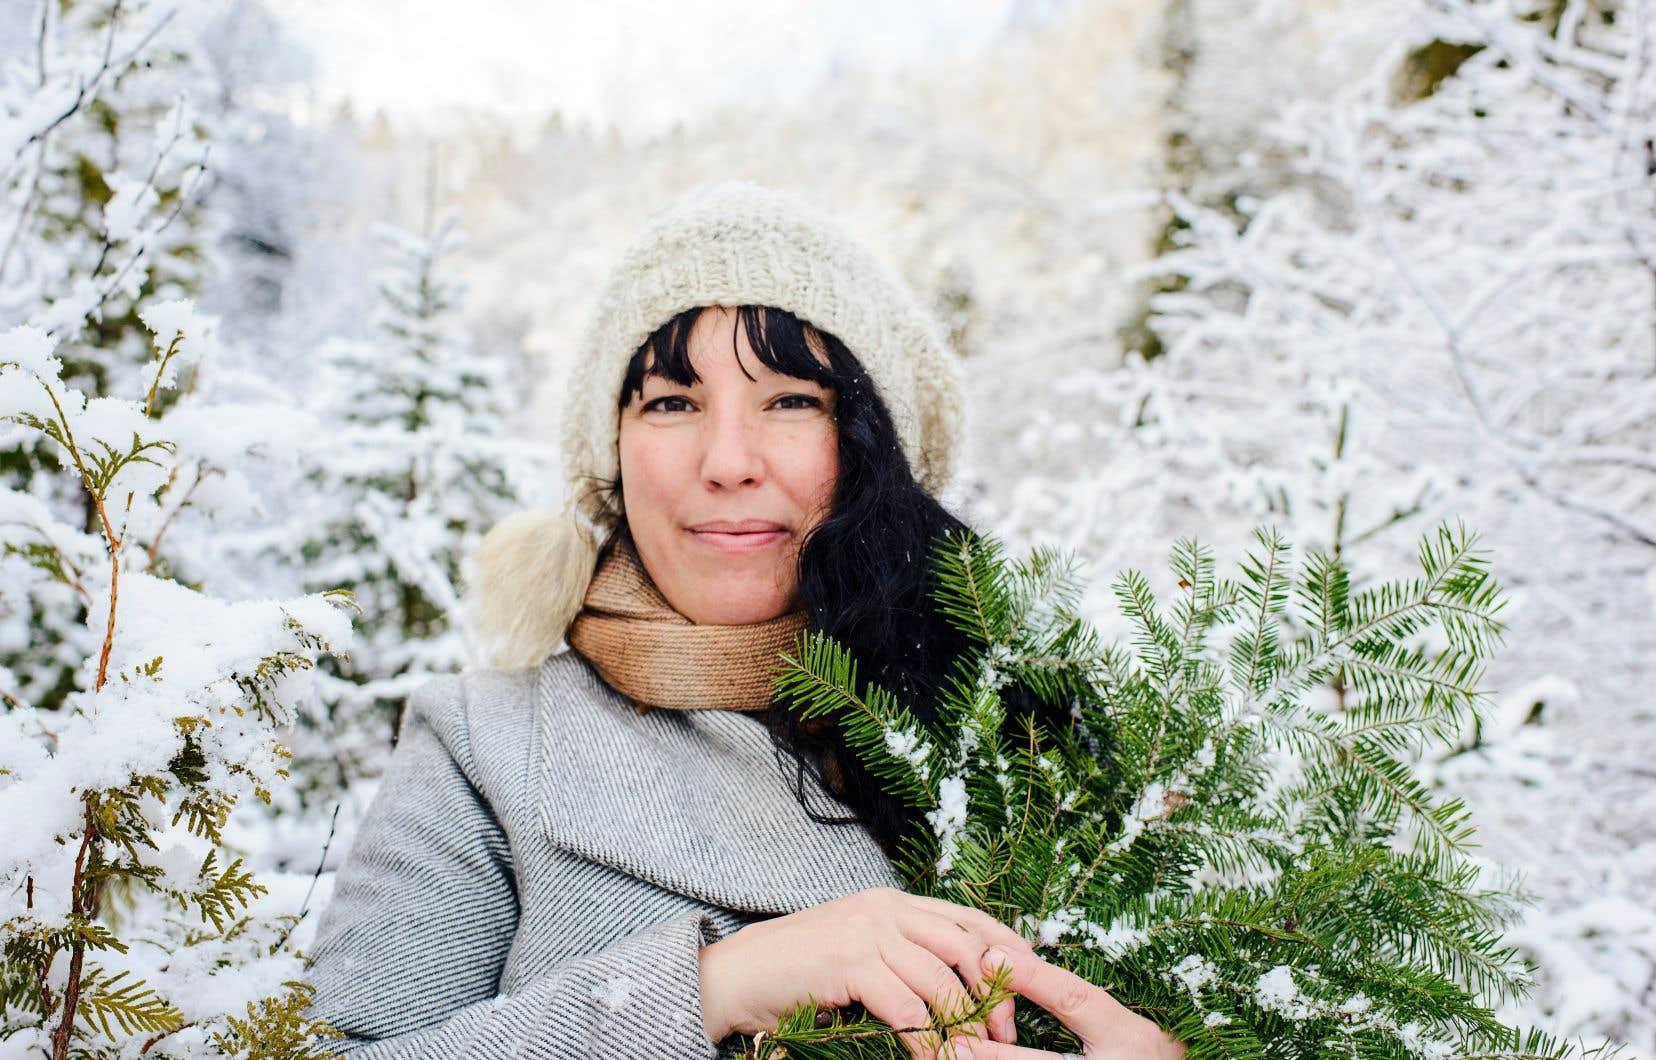 «Le modèle proposé en herboristerie en est souvent un de jardin, avec des plantes européennes importées. Mais, moi, je ne suis pas une fille de jardin, mais de forêt», explique Mélanie Sheehy.